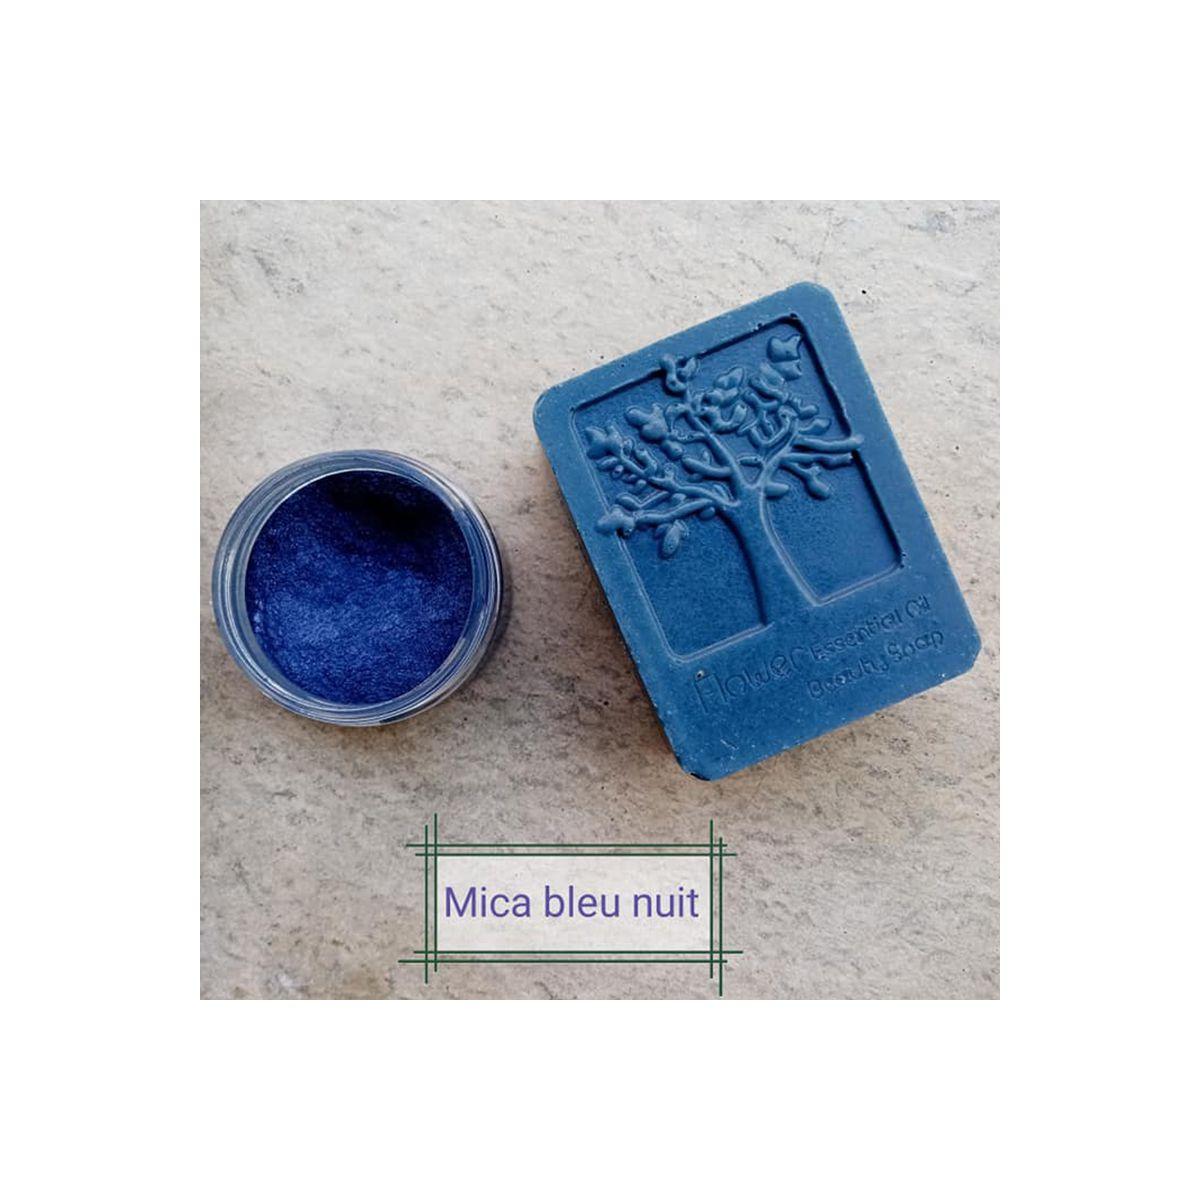 Mica Bleu nuit